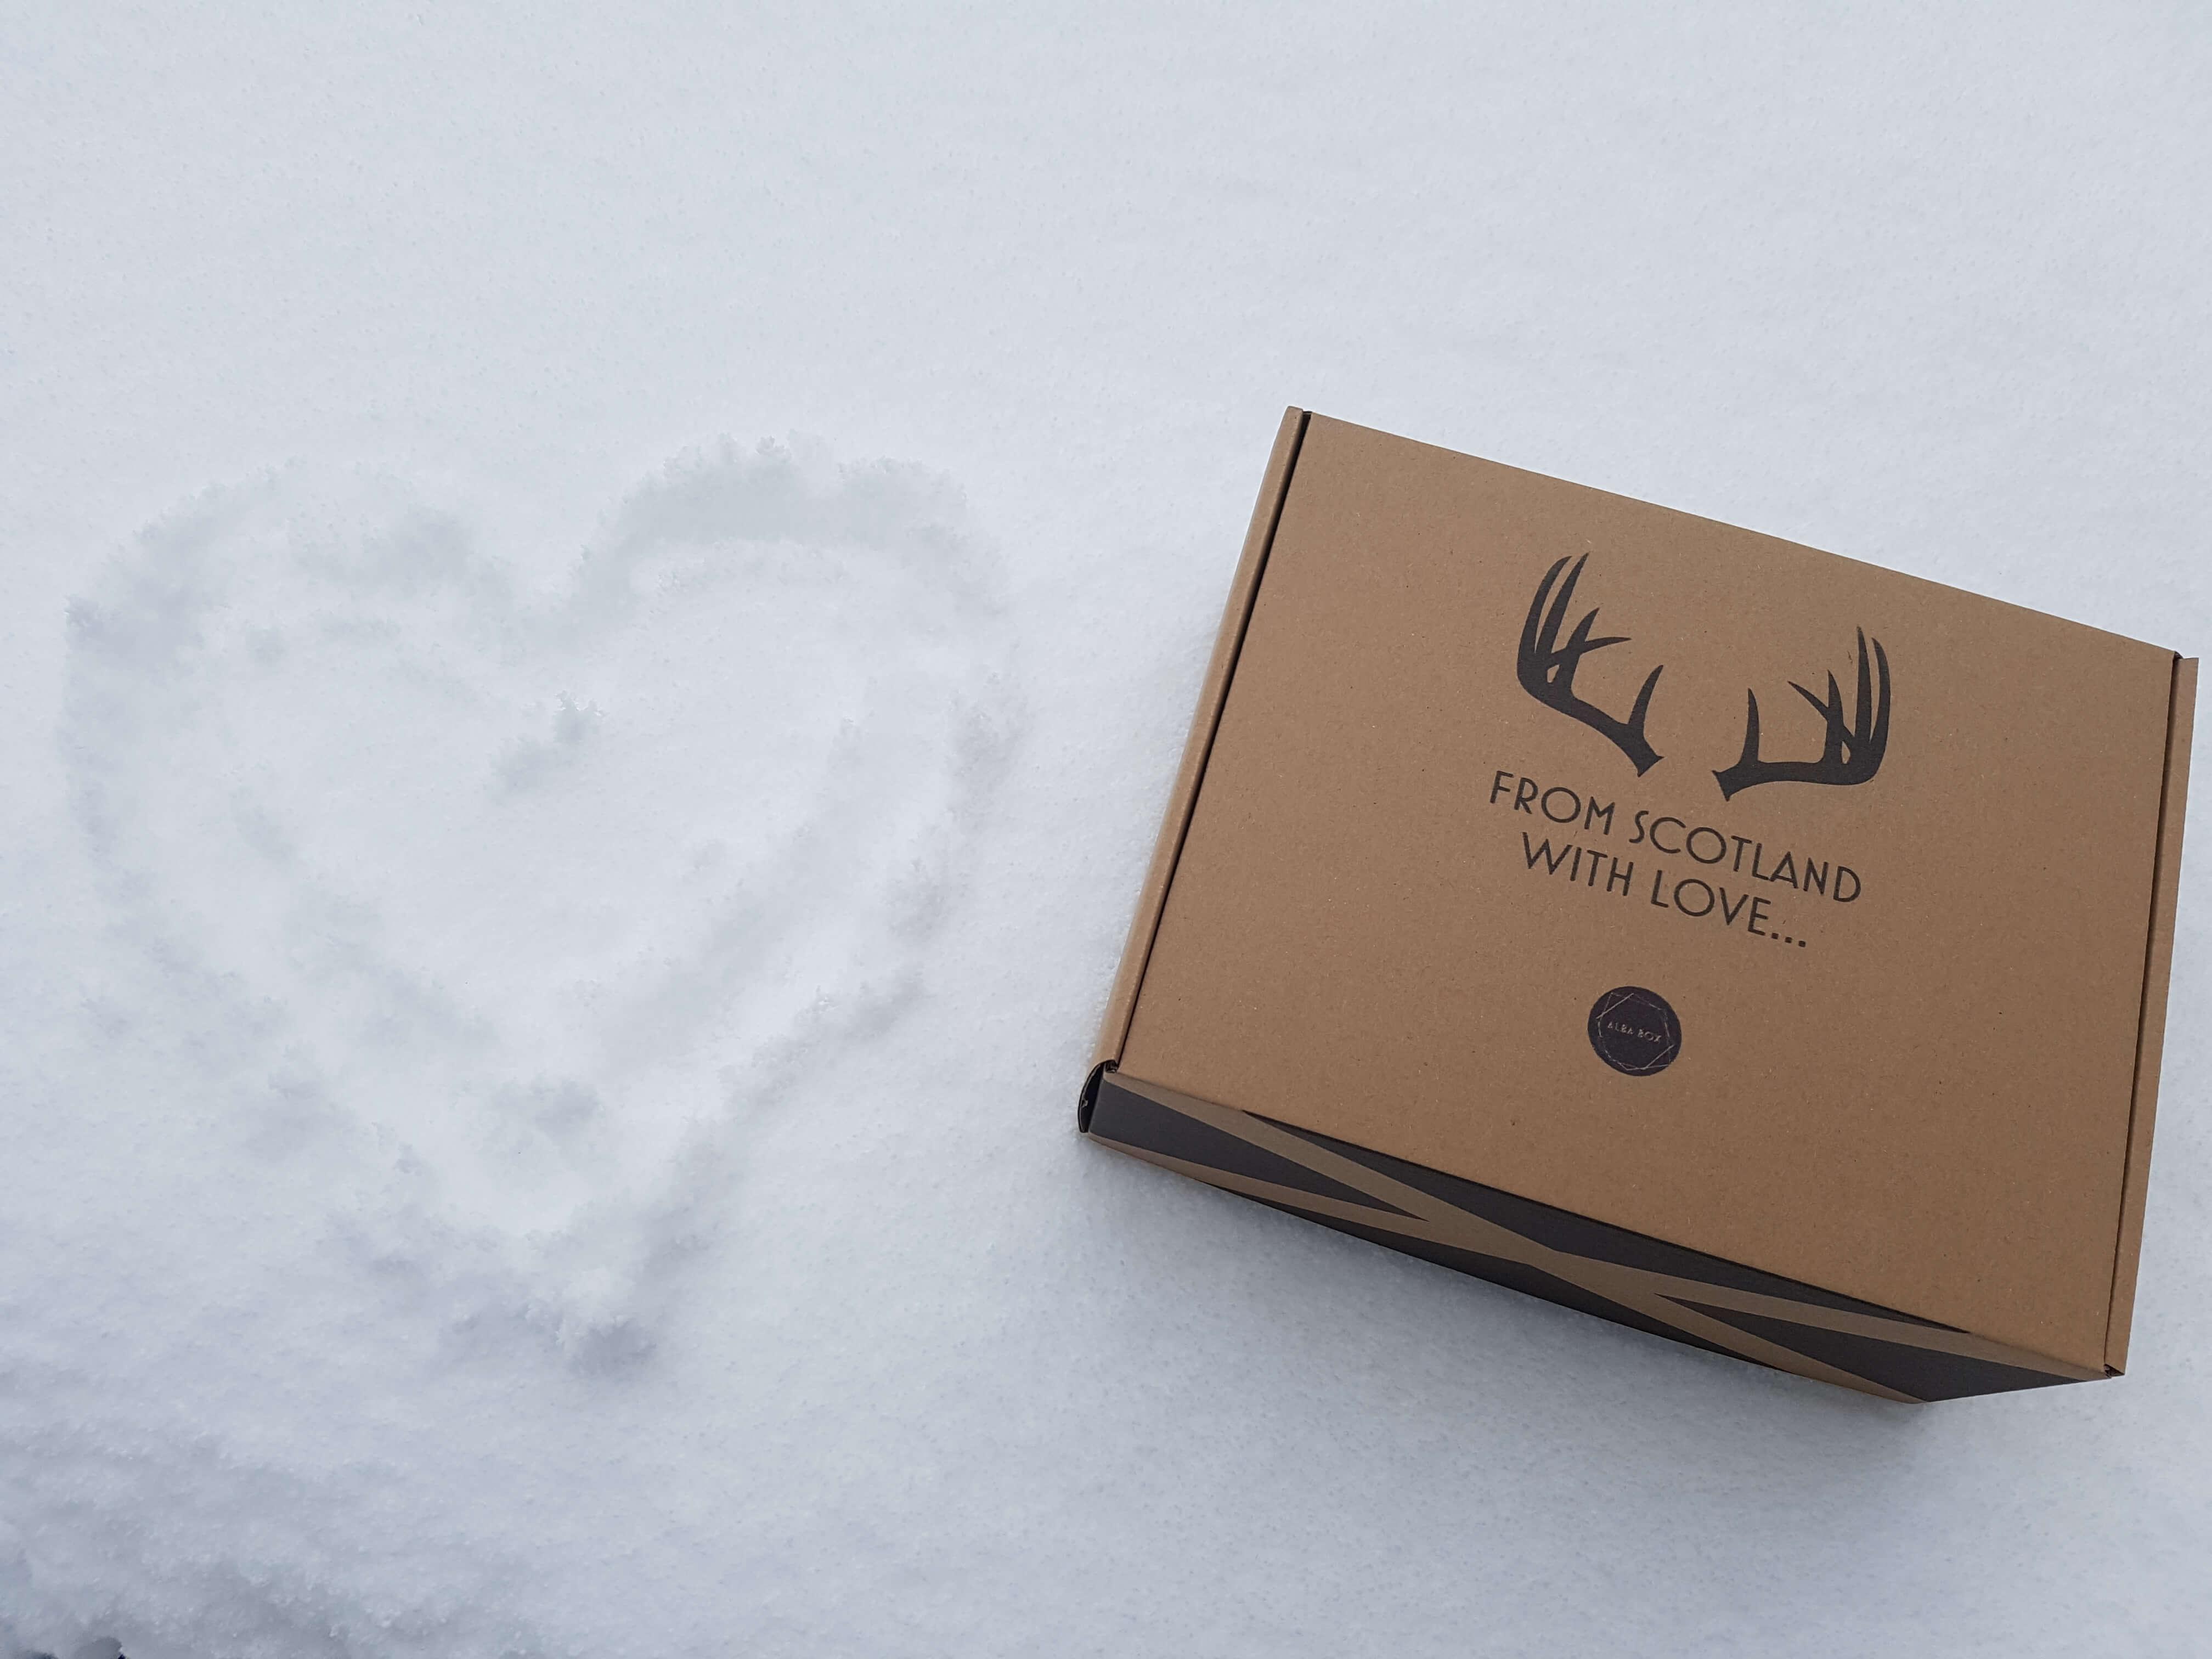 una caja de cartón barata con un logo negro